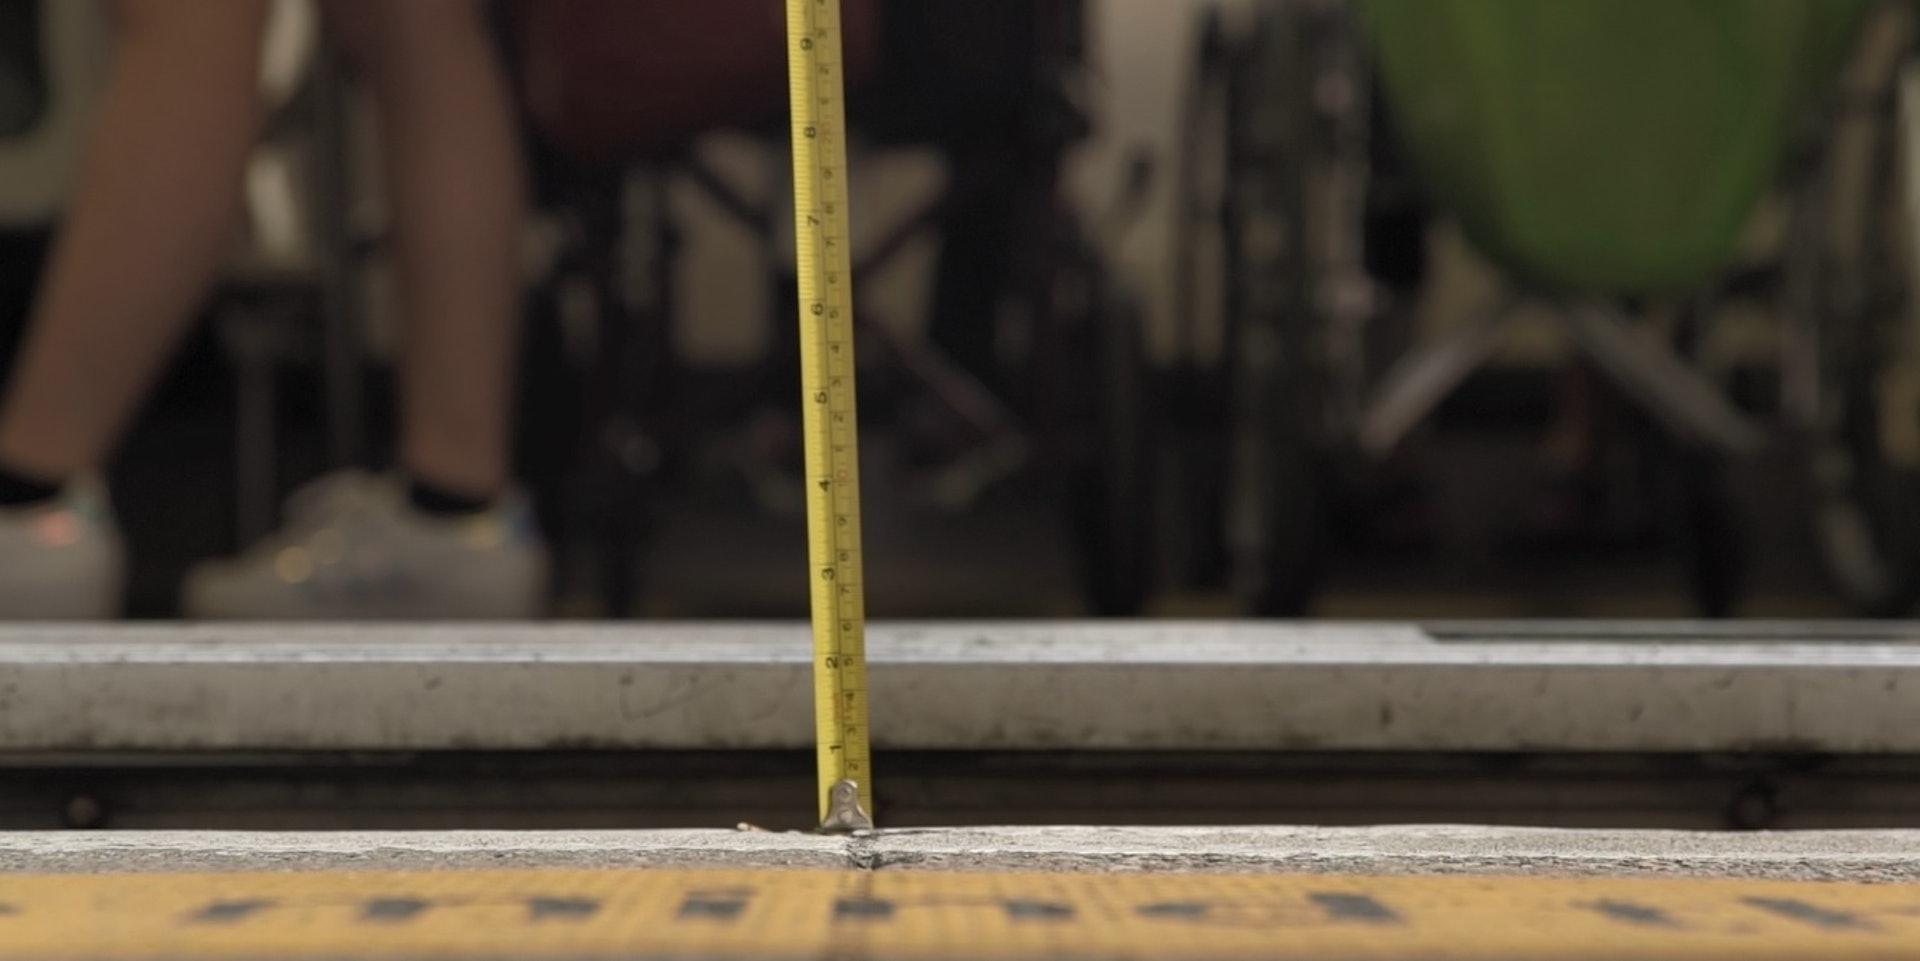 現場所見,輕鐵離月台的高度達5厘米,但劉啟東的「挑車」高度僅有一吋,所以他未能成功上車。